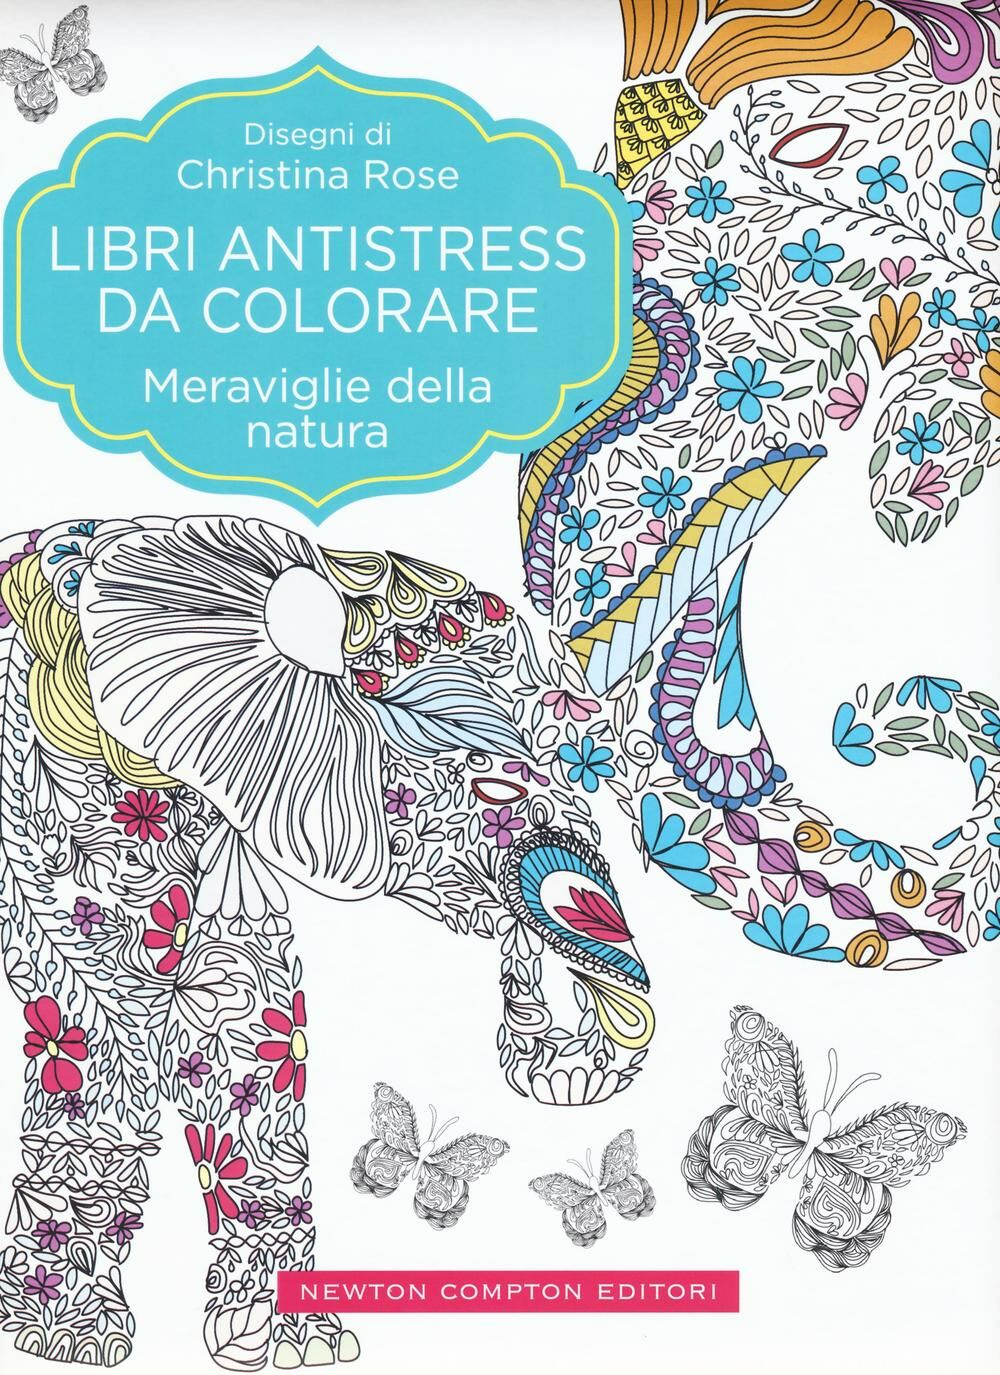 Meraviglie della natura. Libri antistress da colorare